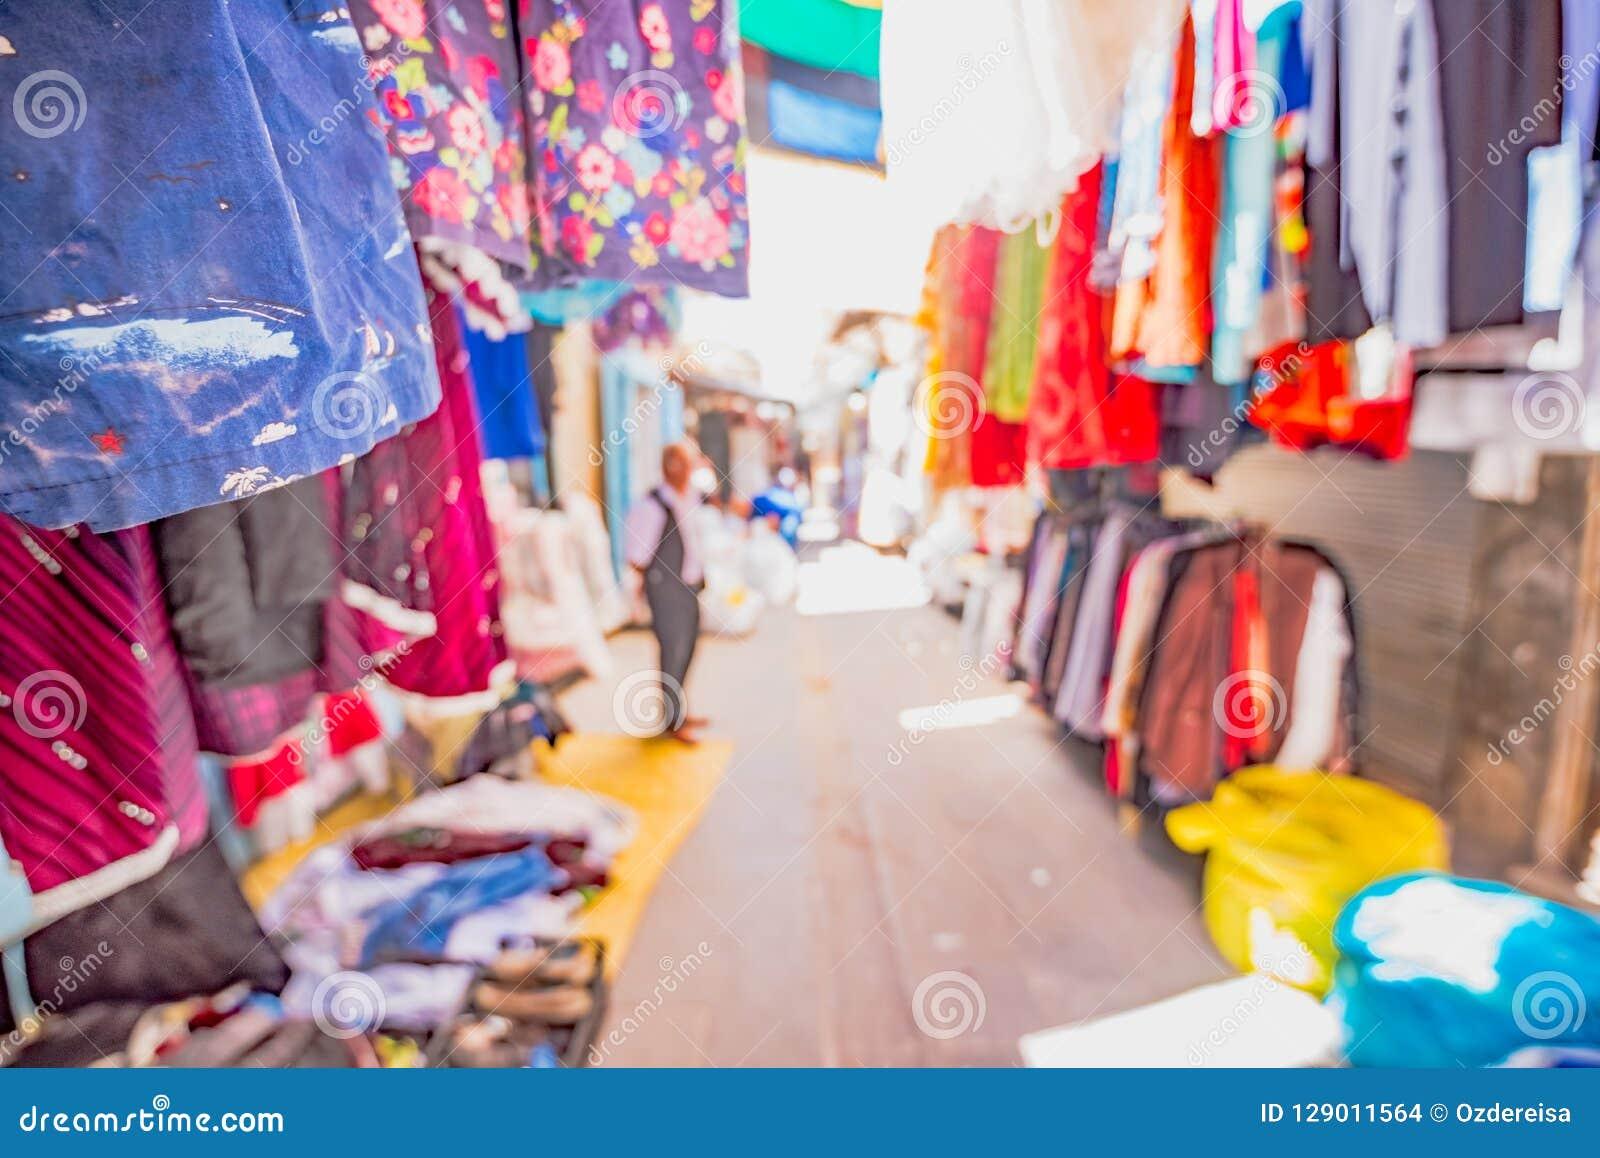 Vista de un bazar en Mardin, Turquía